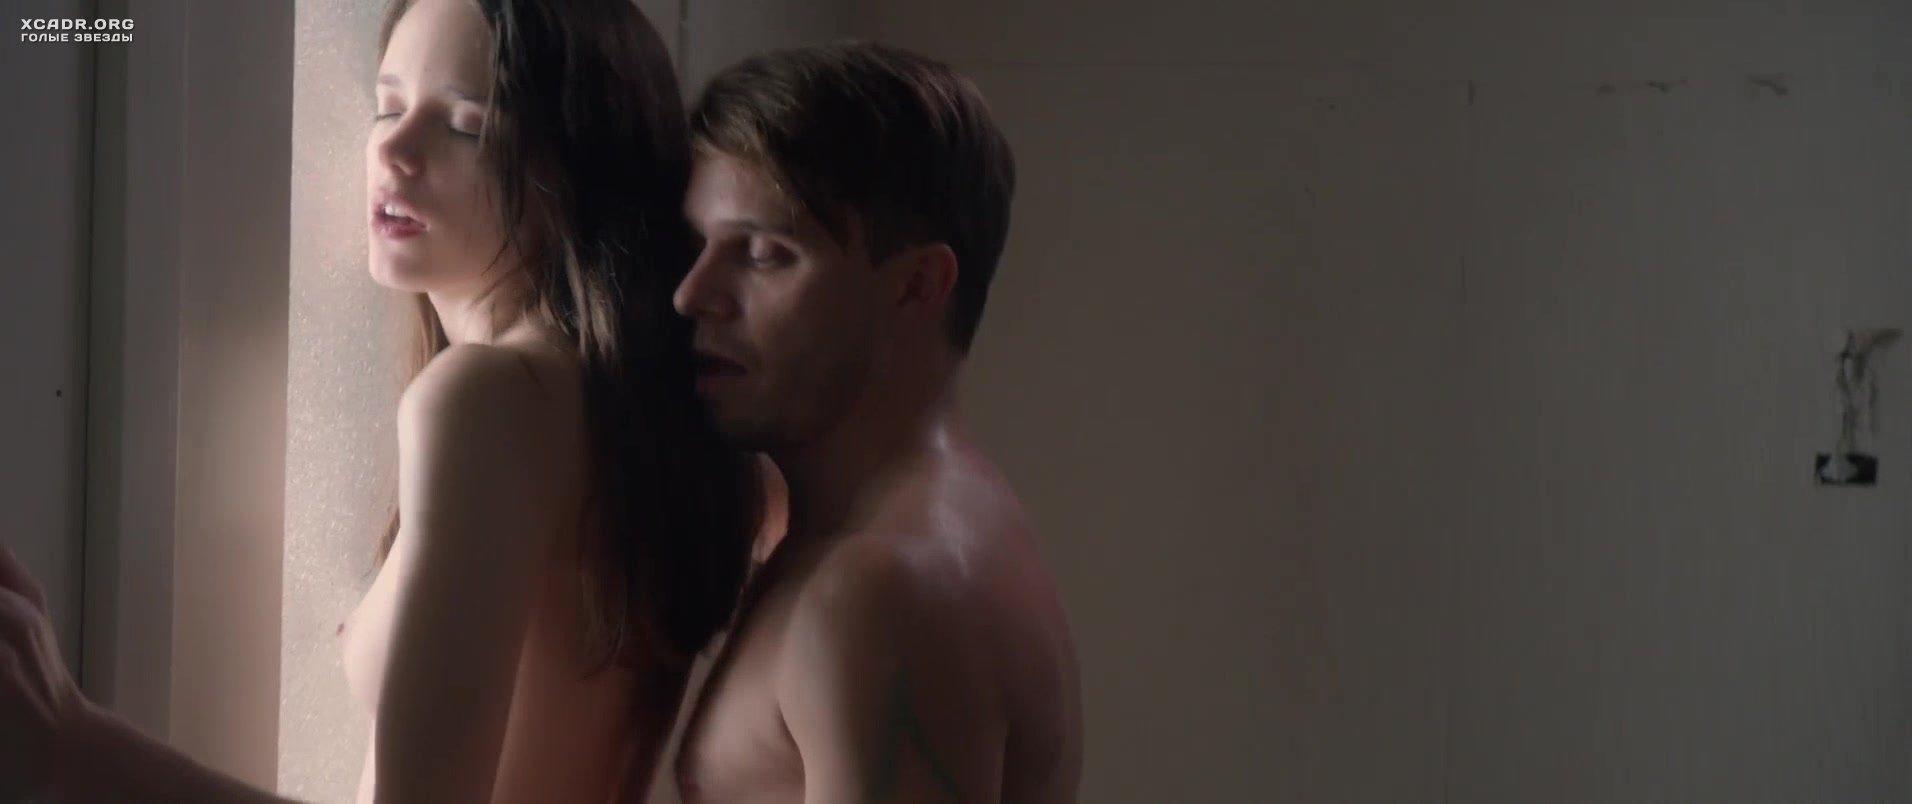 полнометражные фильмы лесбиянка нимфоманка личной жизни